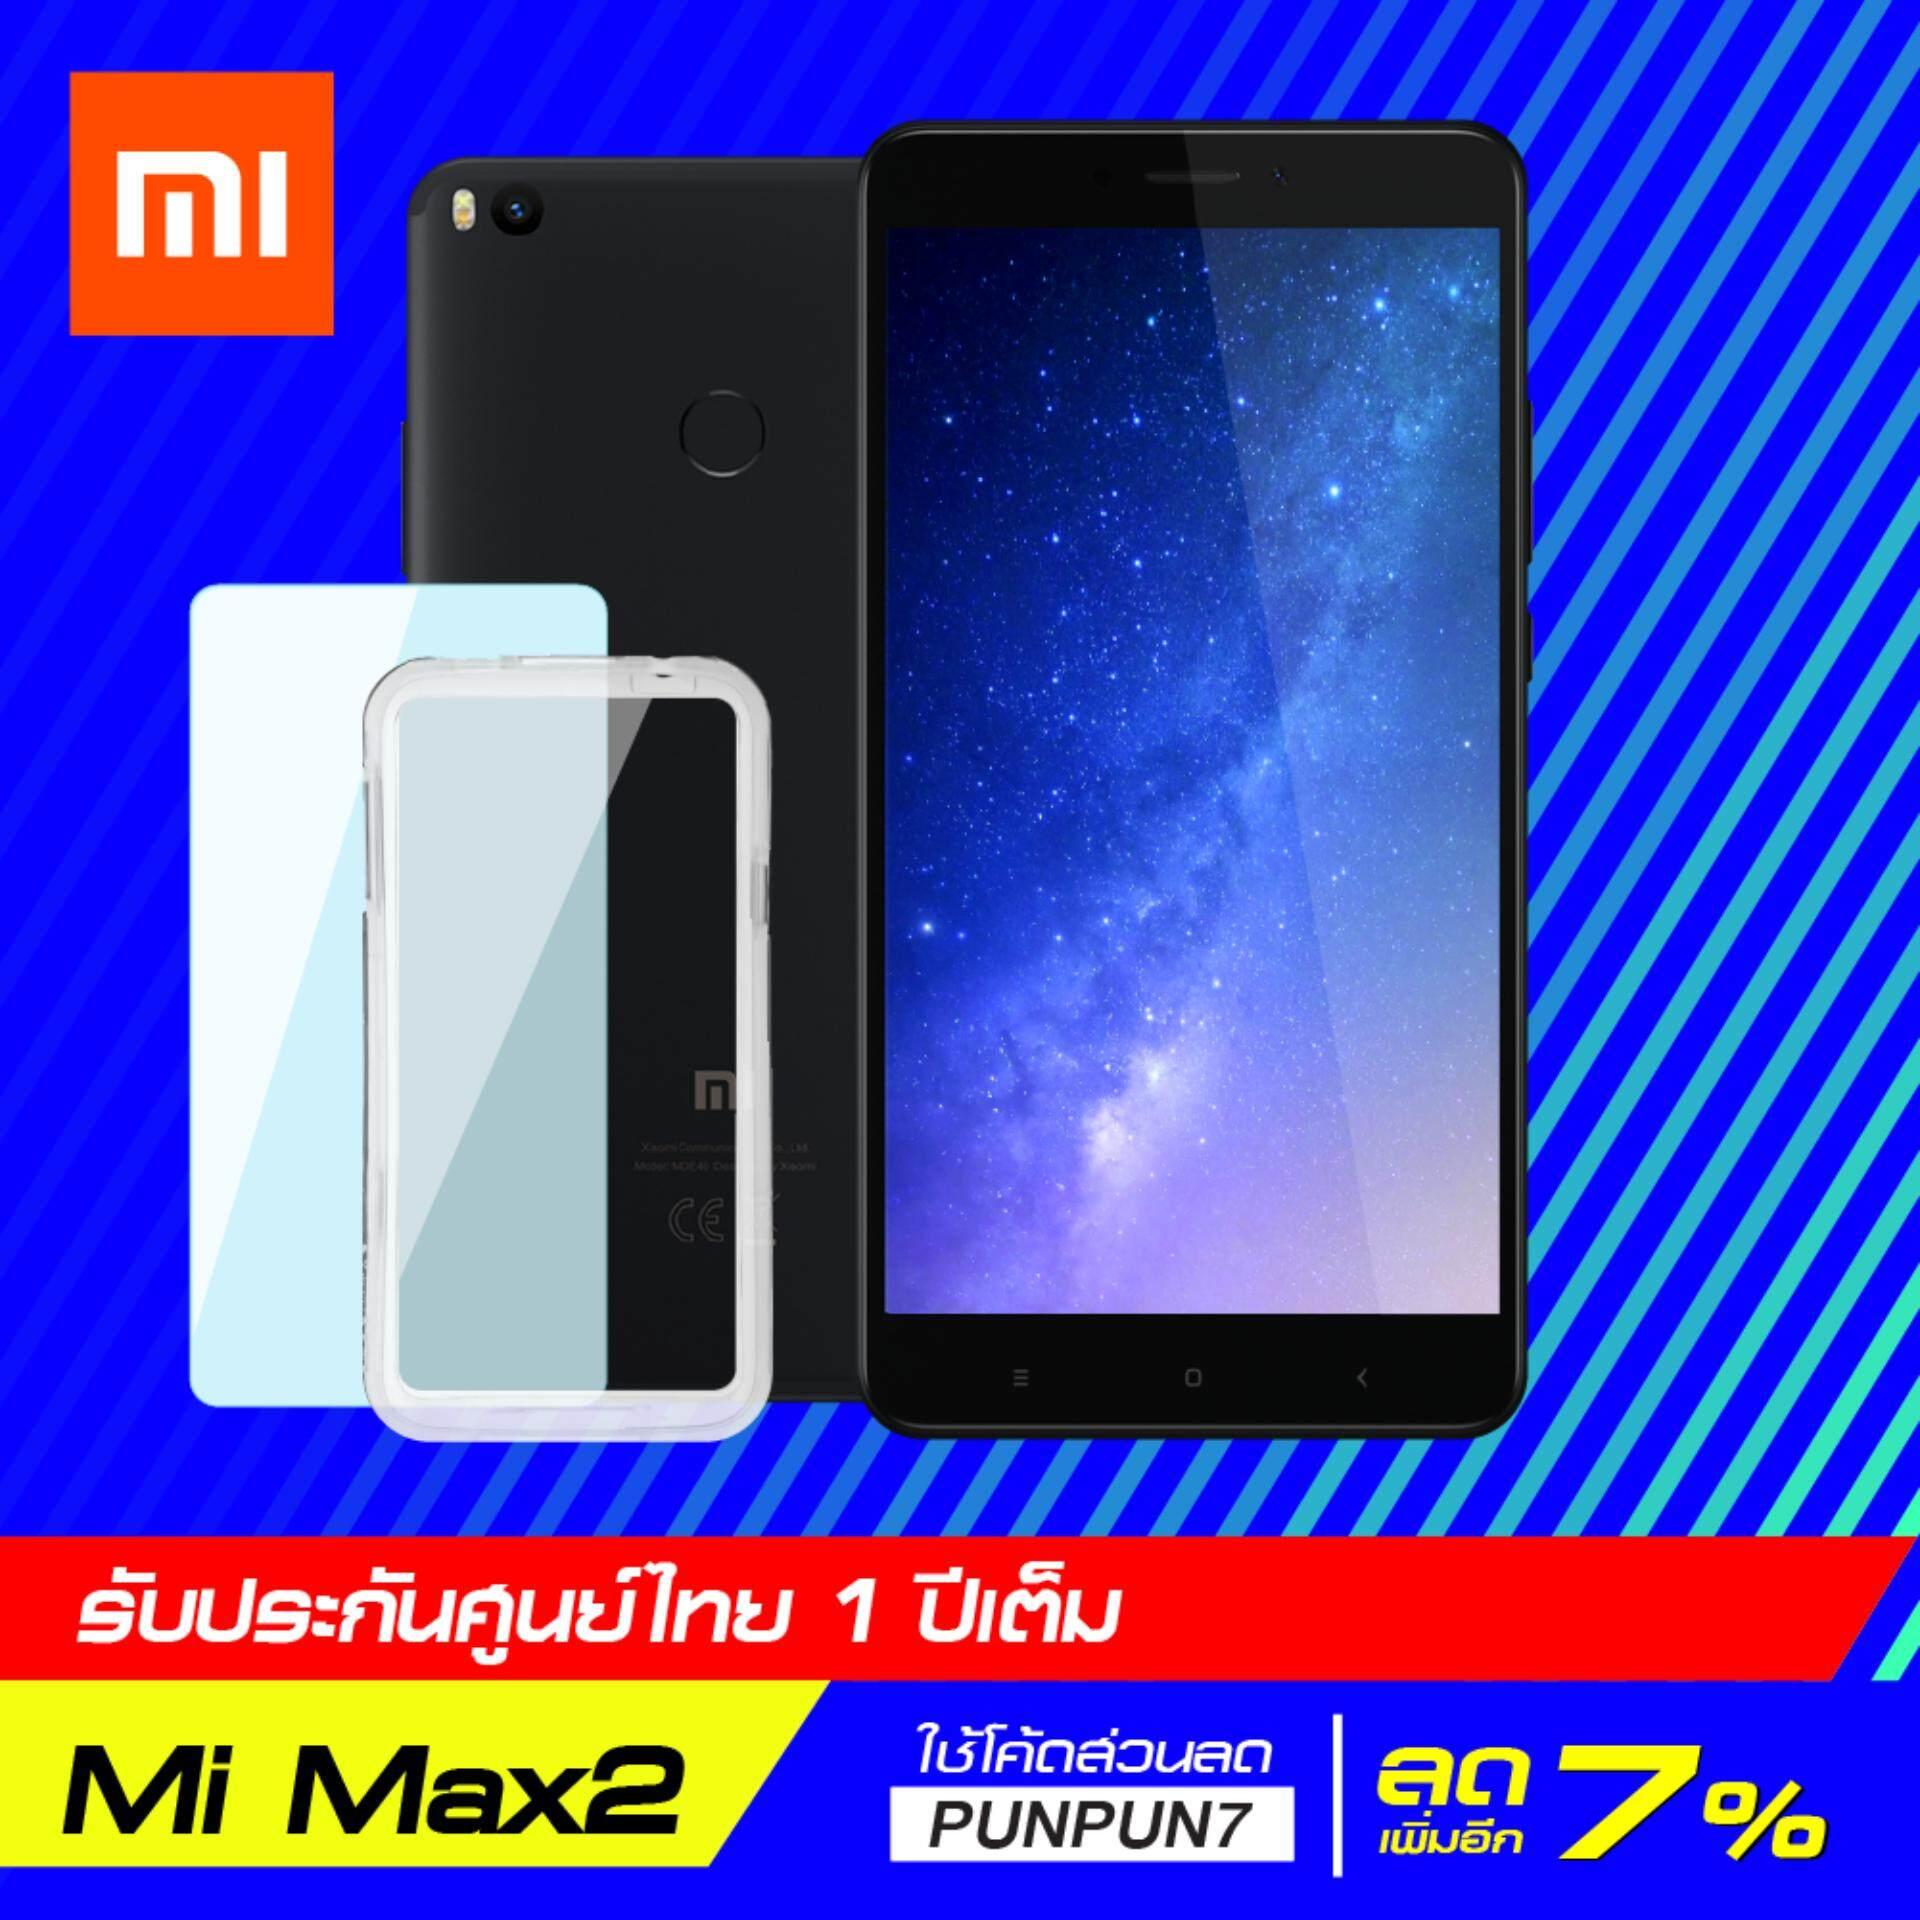 ราคา Xiaomi Mi Max 2 4 64Gb สีดำ Black Edition พร้อมเคสกันกระแทก ฟิล์มกันรอย มูลค่า 390 รับประกันศูนย์ไทย 1 ปีเต็ม ที่สุด